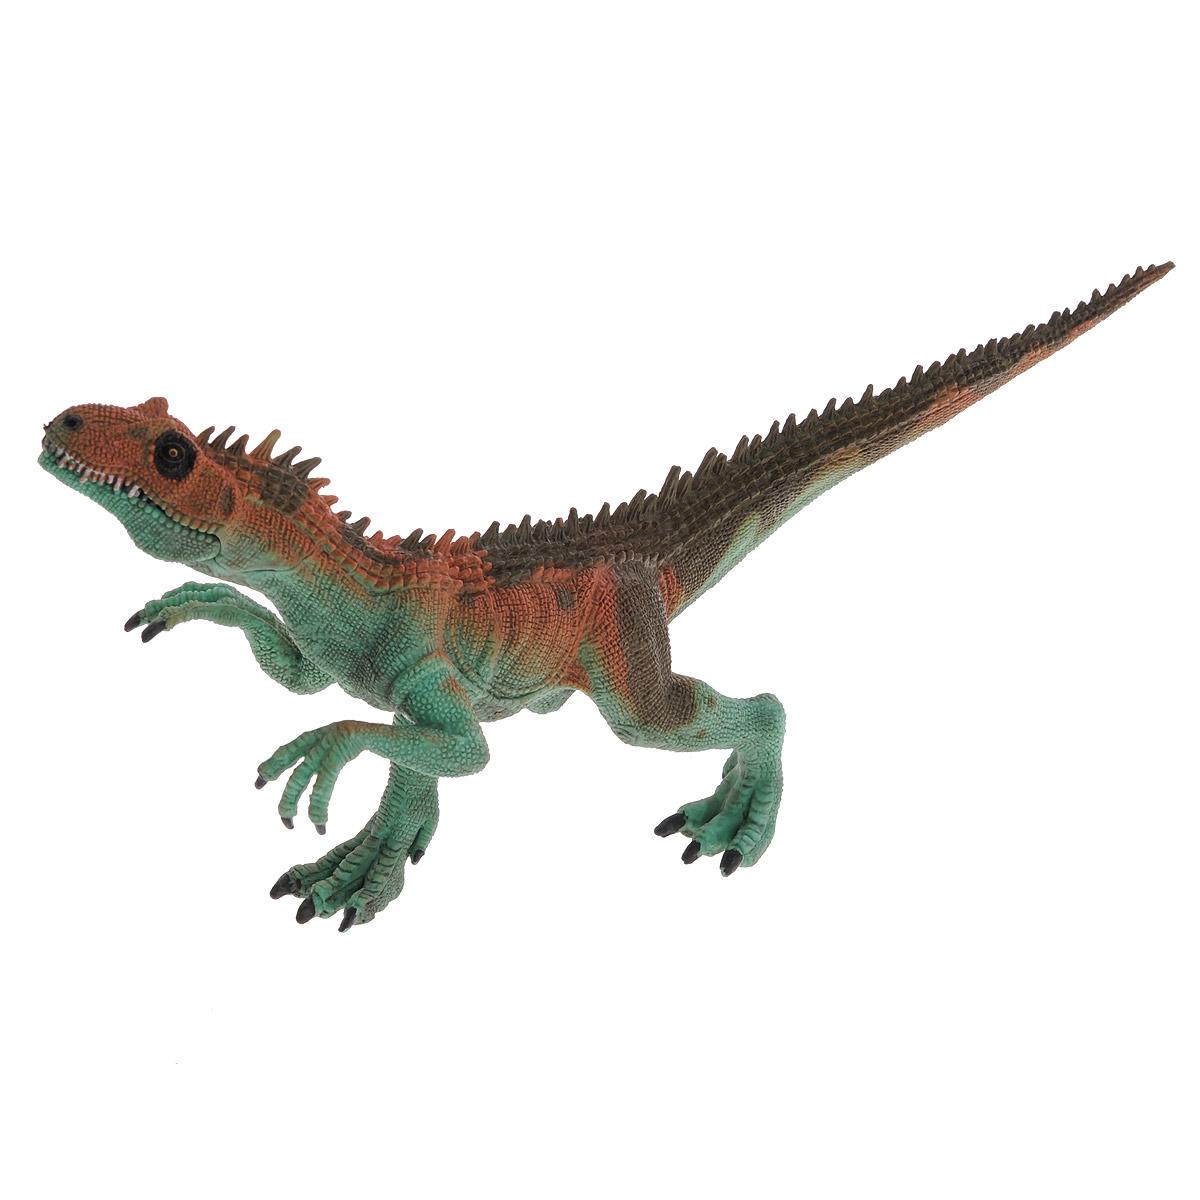 Фигурка Megasaurs Заурофагнакс с двигающейся пастью, цвет: зеленый фигурка megasaurs тираннозавр с двигающейся пастью цвет оранжевый зеленый